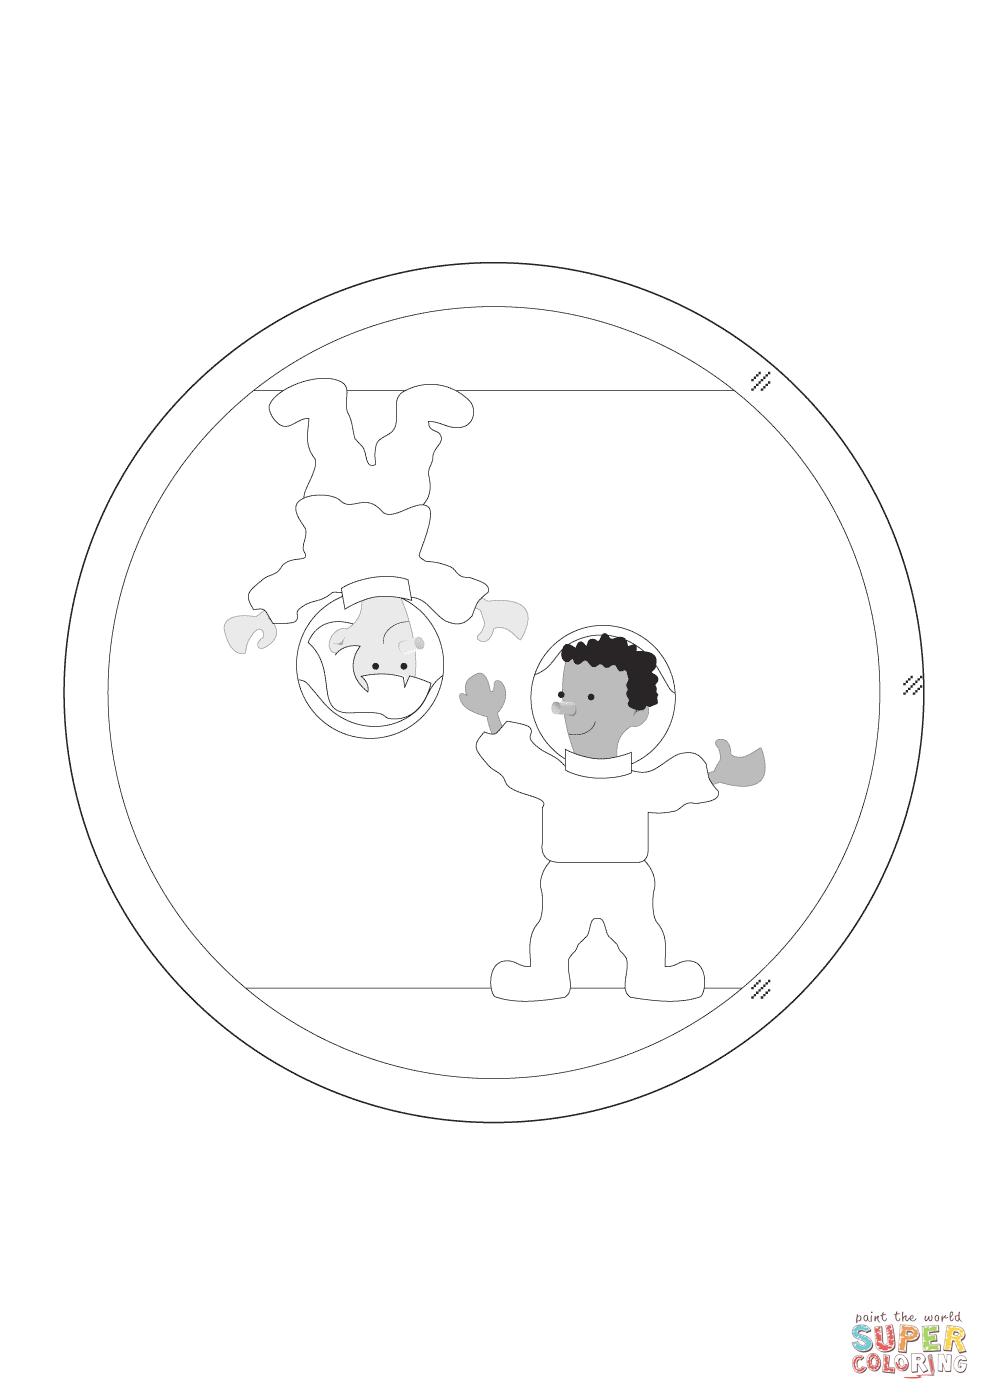 Dibujo de Astronautas en Gravedad Cero para colorear